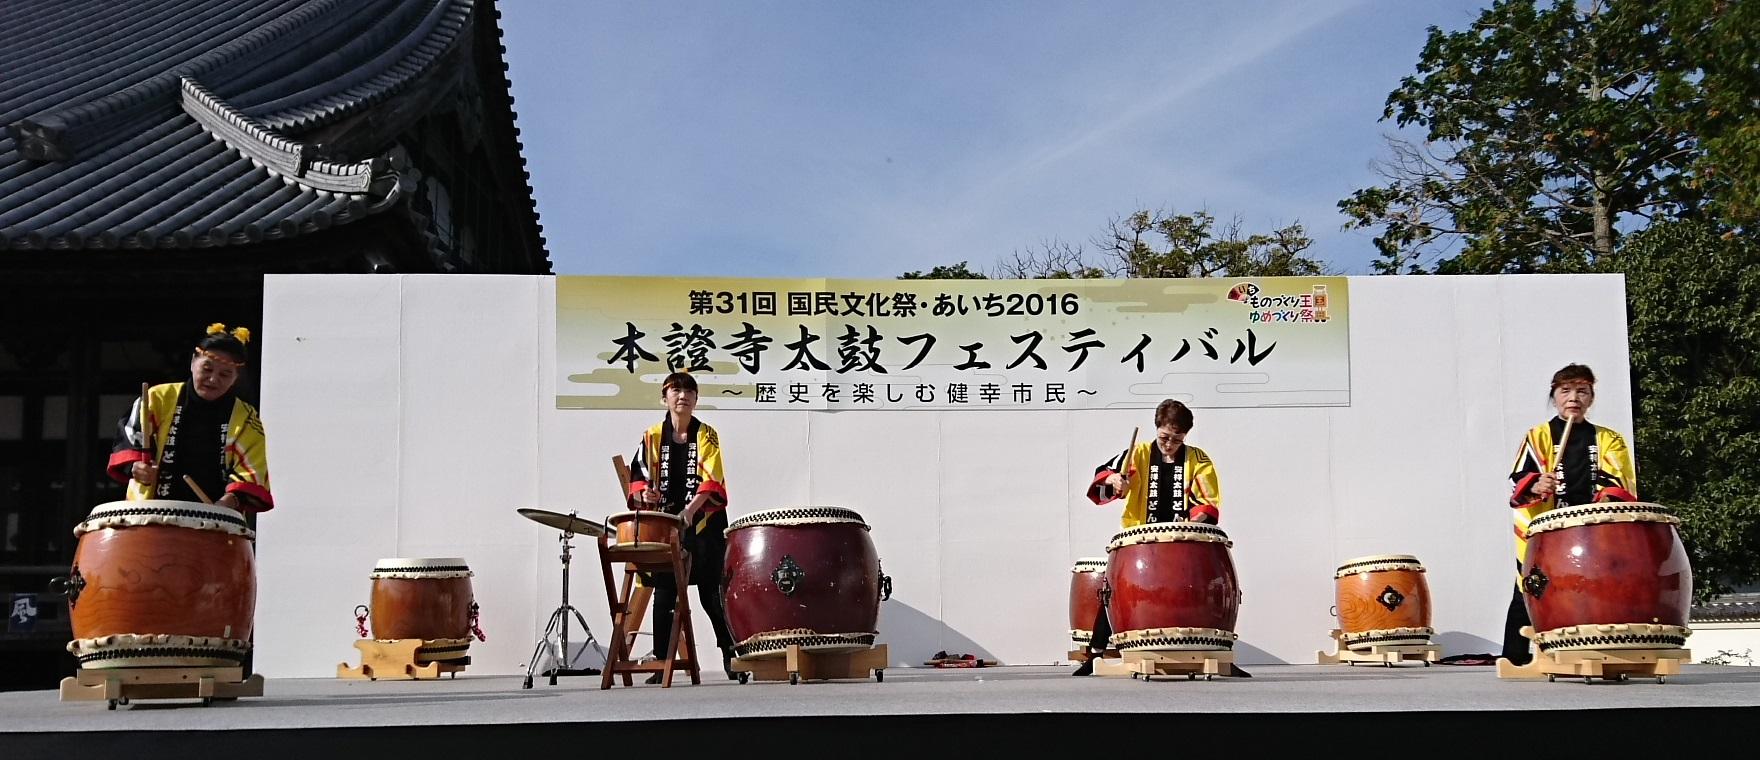 2016.11.20 本証寺 - どんば (3)